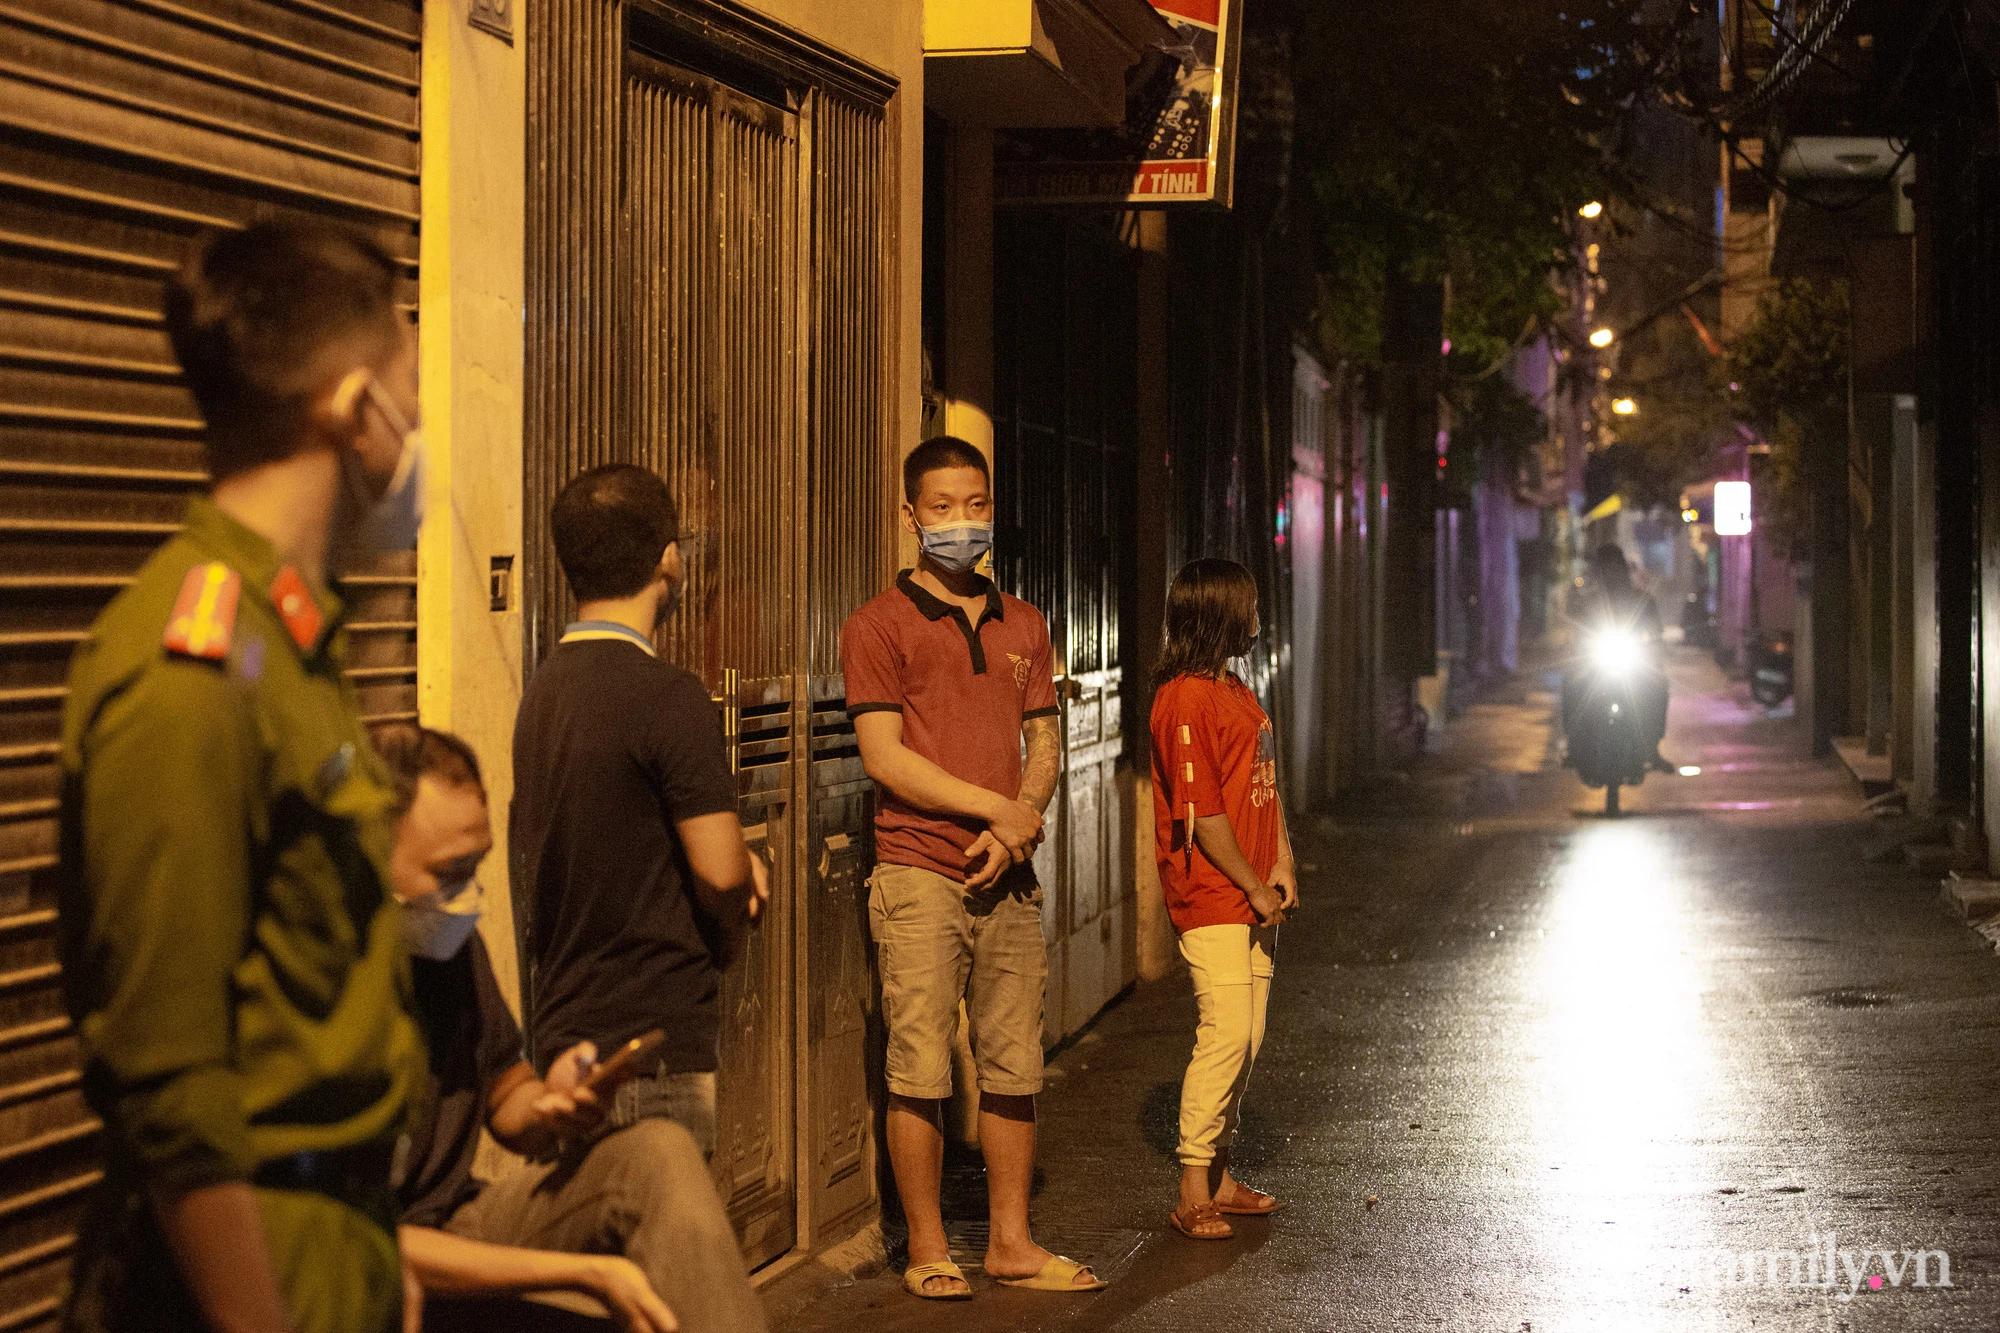 Hà Nội: Phong tỏa cửa hàng tạp hóa trong ngõ 79 đường Cầu Giấy, khẩn trương lấy mẫu xét nghiệm, truy vết trong đêm - Ảnh 9.